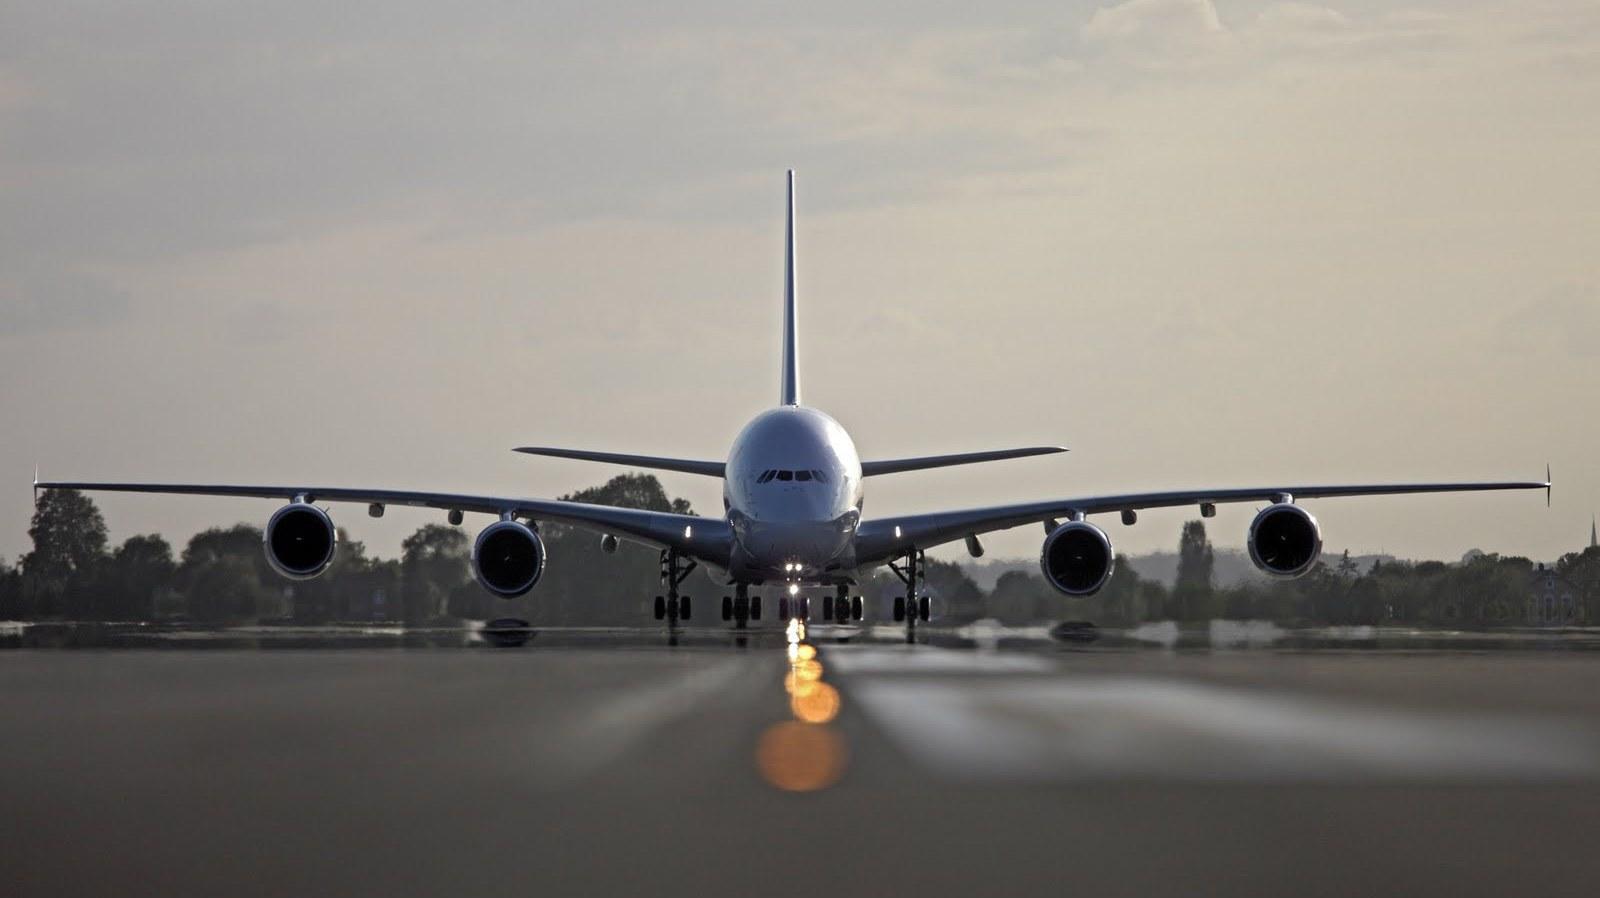 http://3.bp.blogspot.com/_ja676MG45Zg/S_VwVUceynI/AAAAAAAADW4/NWk9dRcqLmI/s1600/air-france-airbus-a380-on-runway.JPG